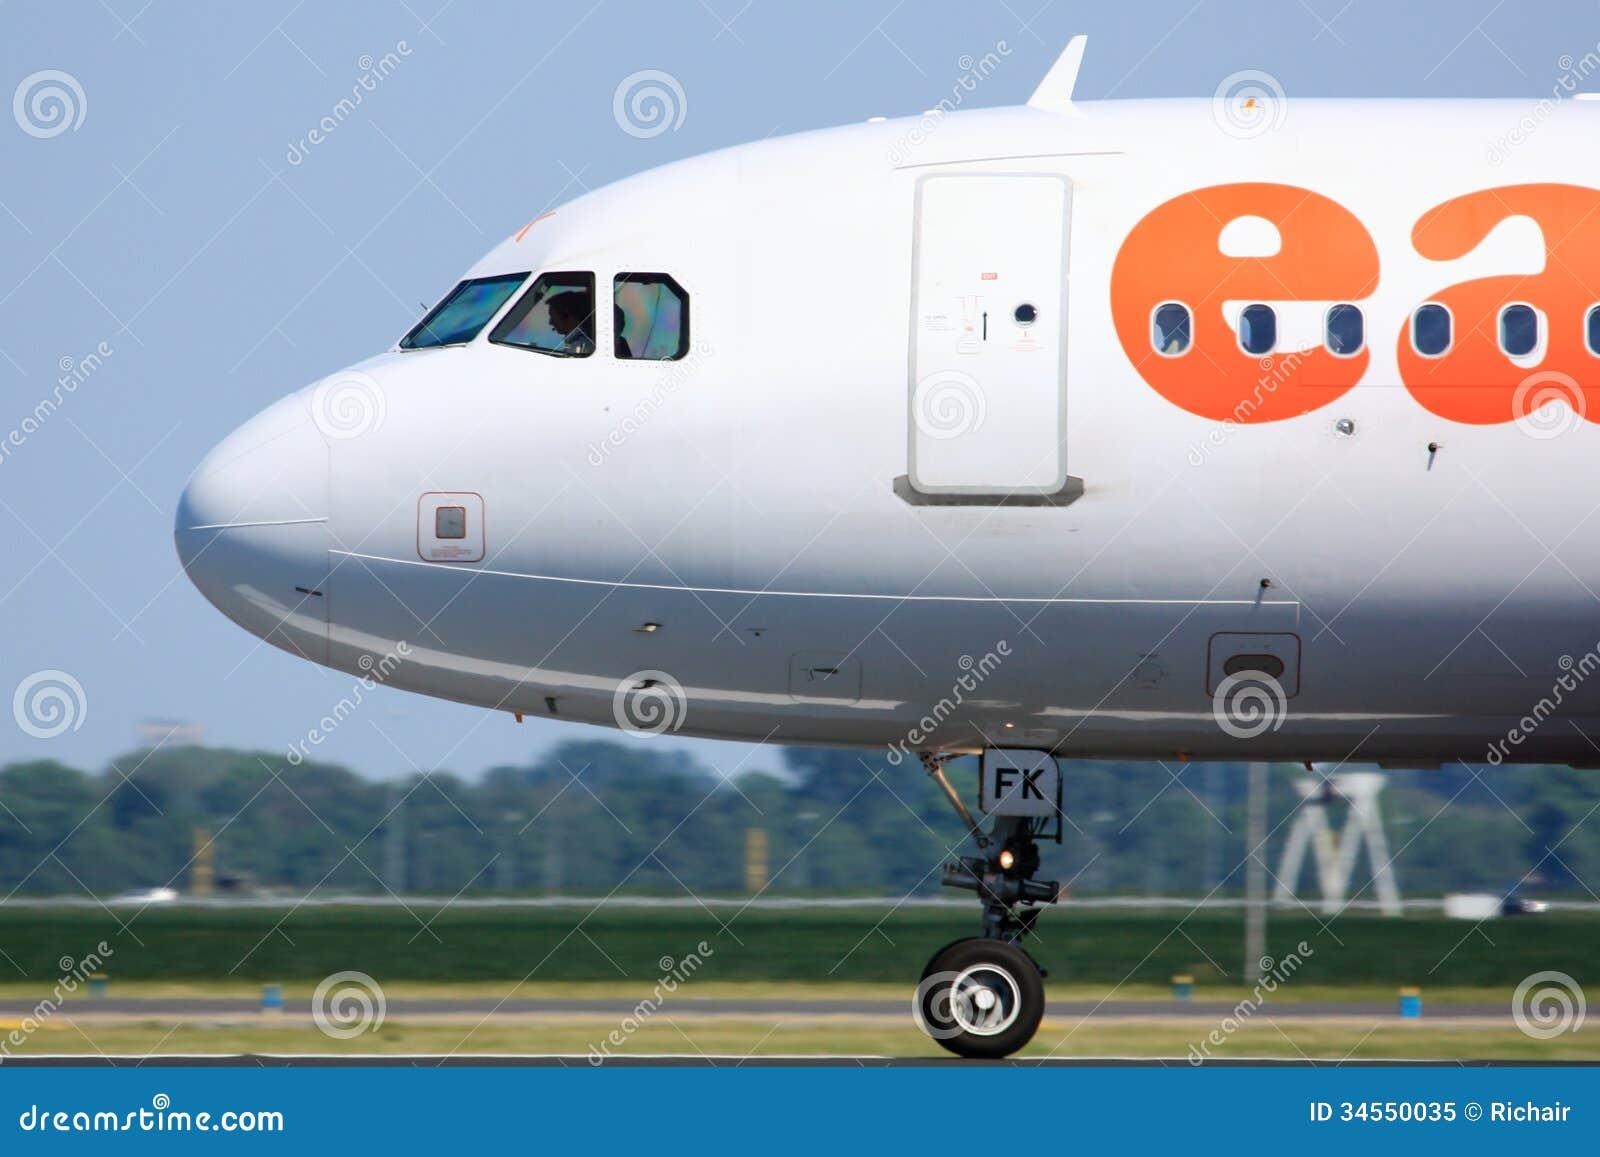 Easyjet cockpit side view